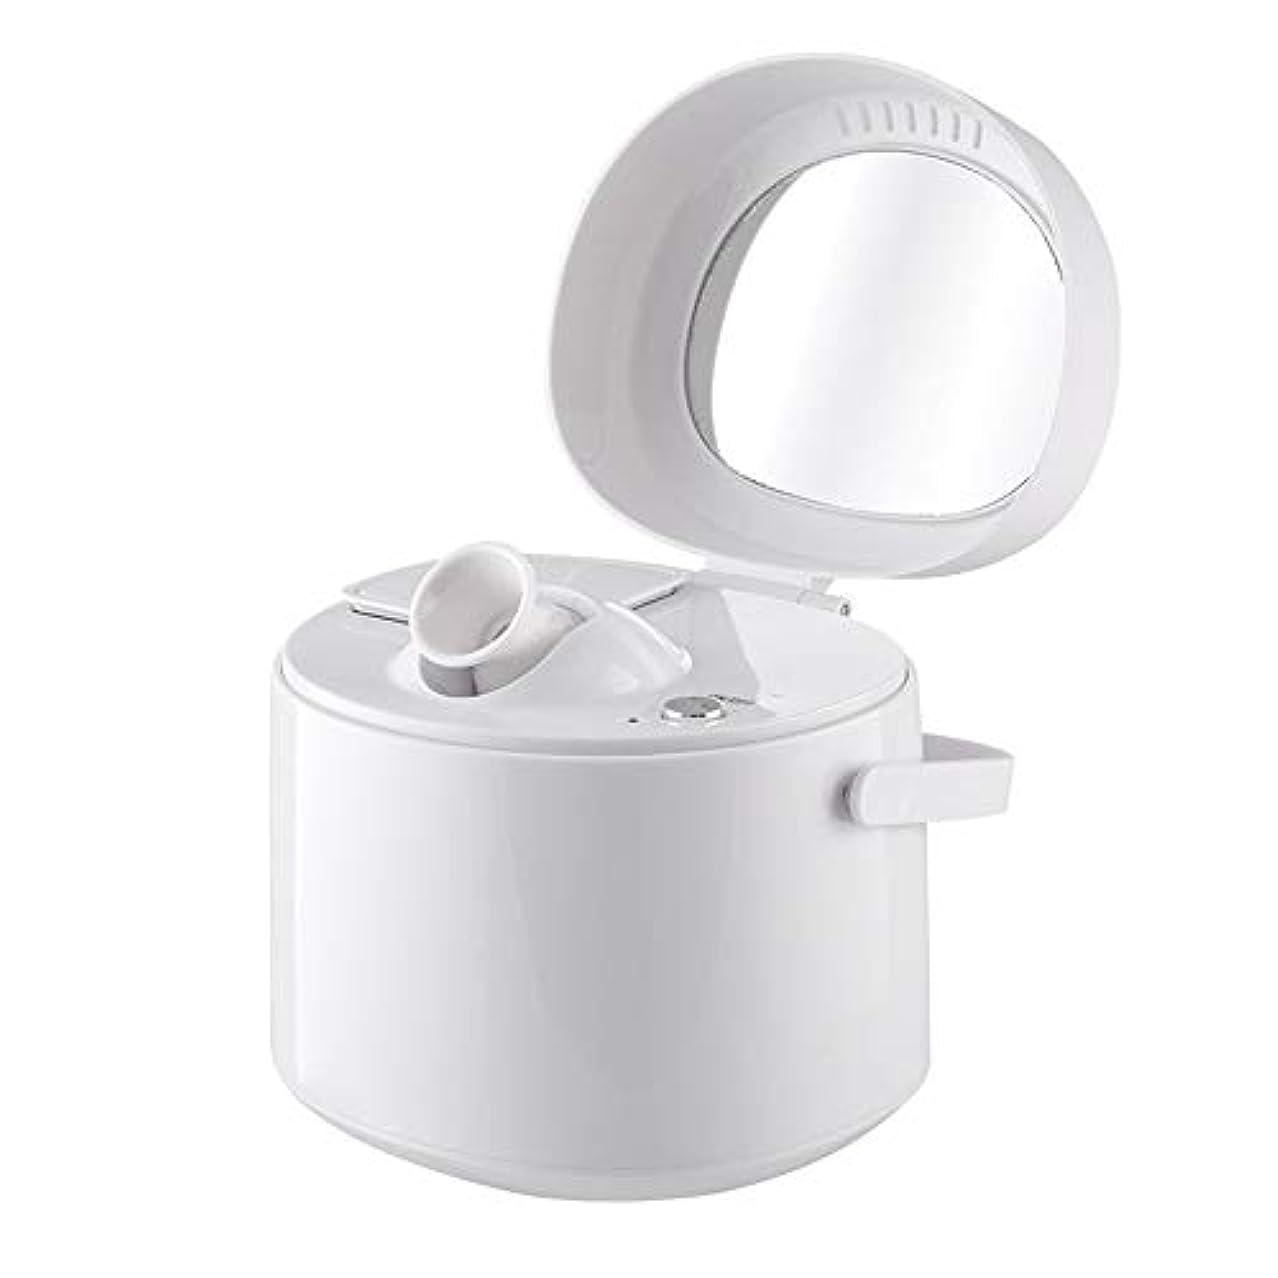 告発特別に速報ZXF ホットスプレースチームフェイス美容器具ホームナノイオン保湿スプレー美容器具美容ミラーホワイト 滑らかである